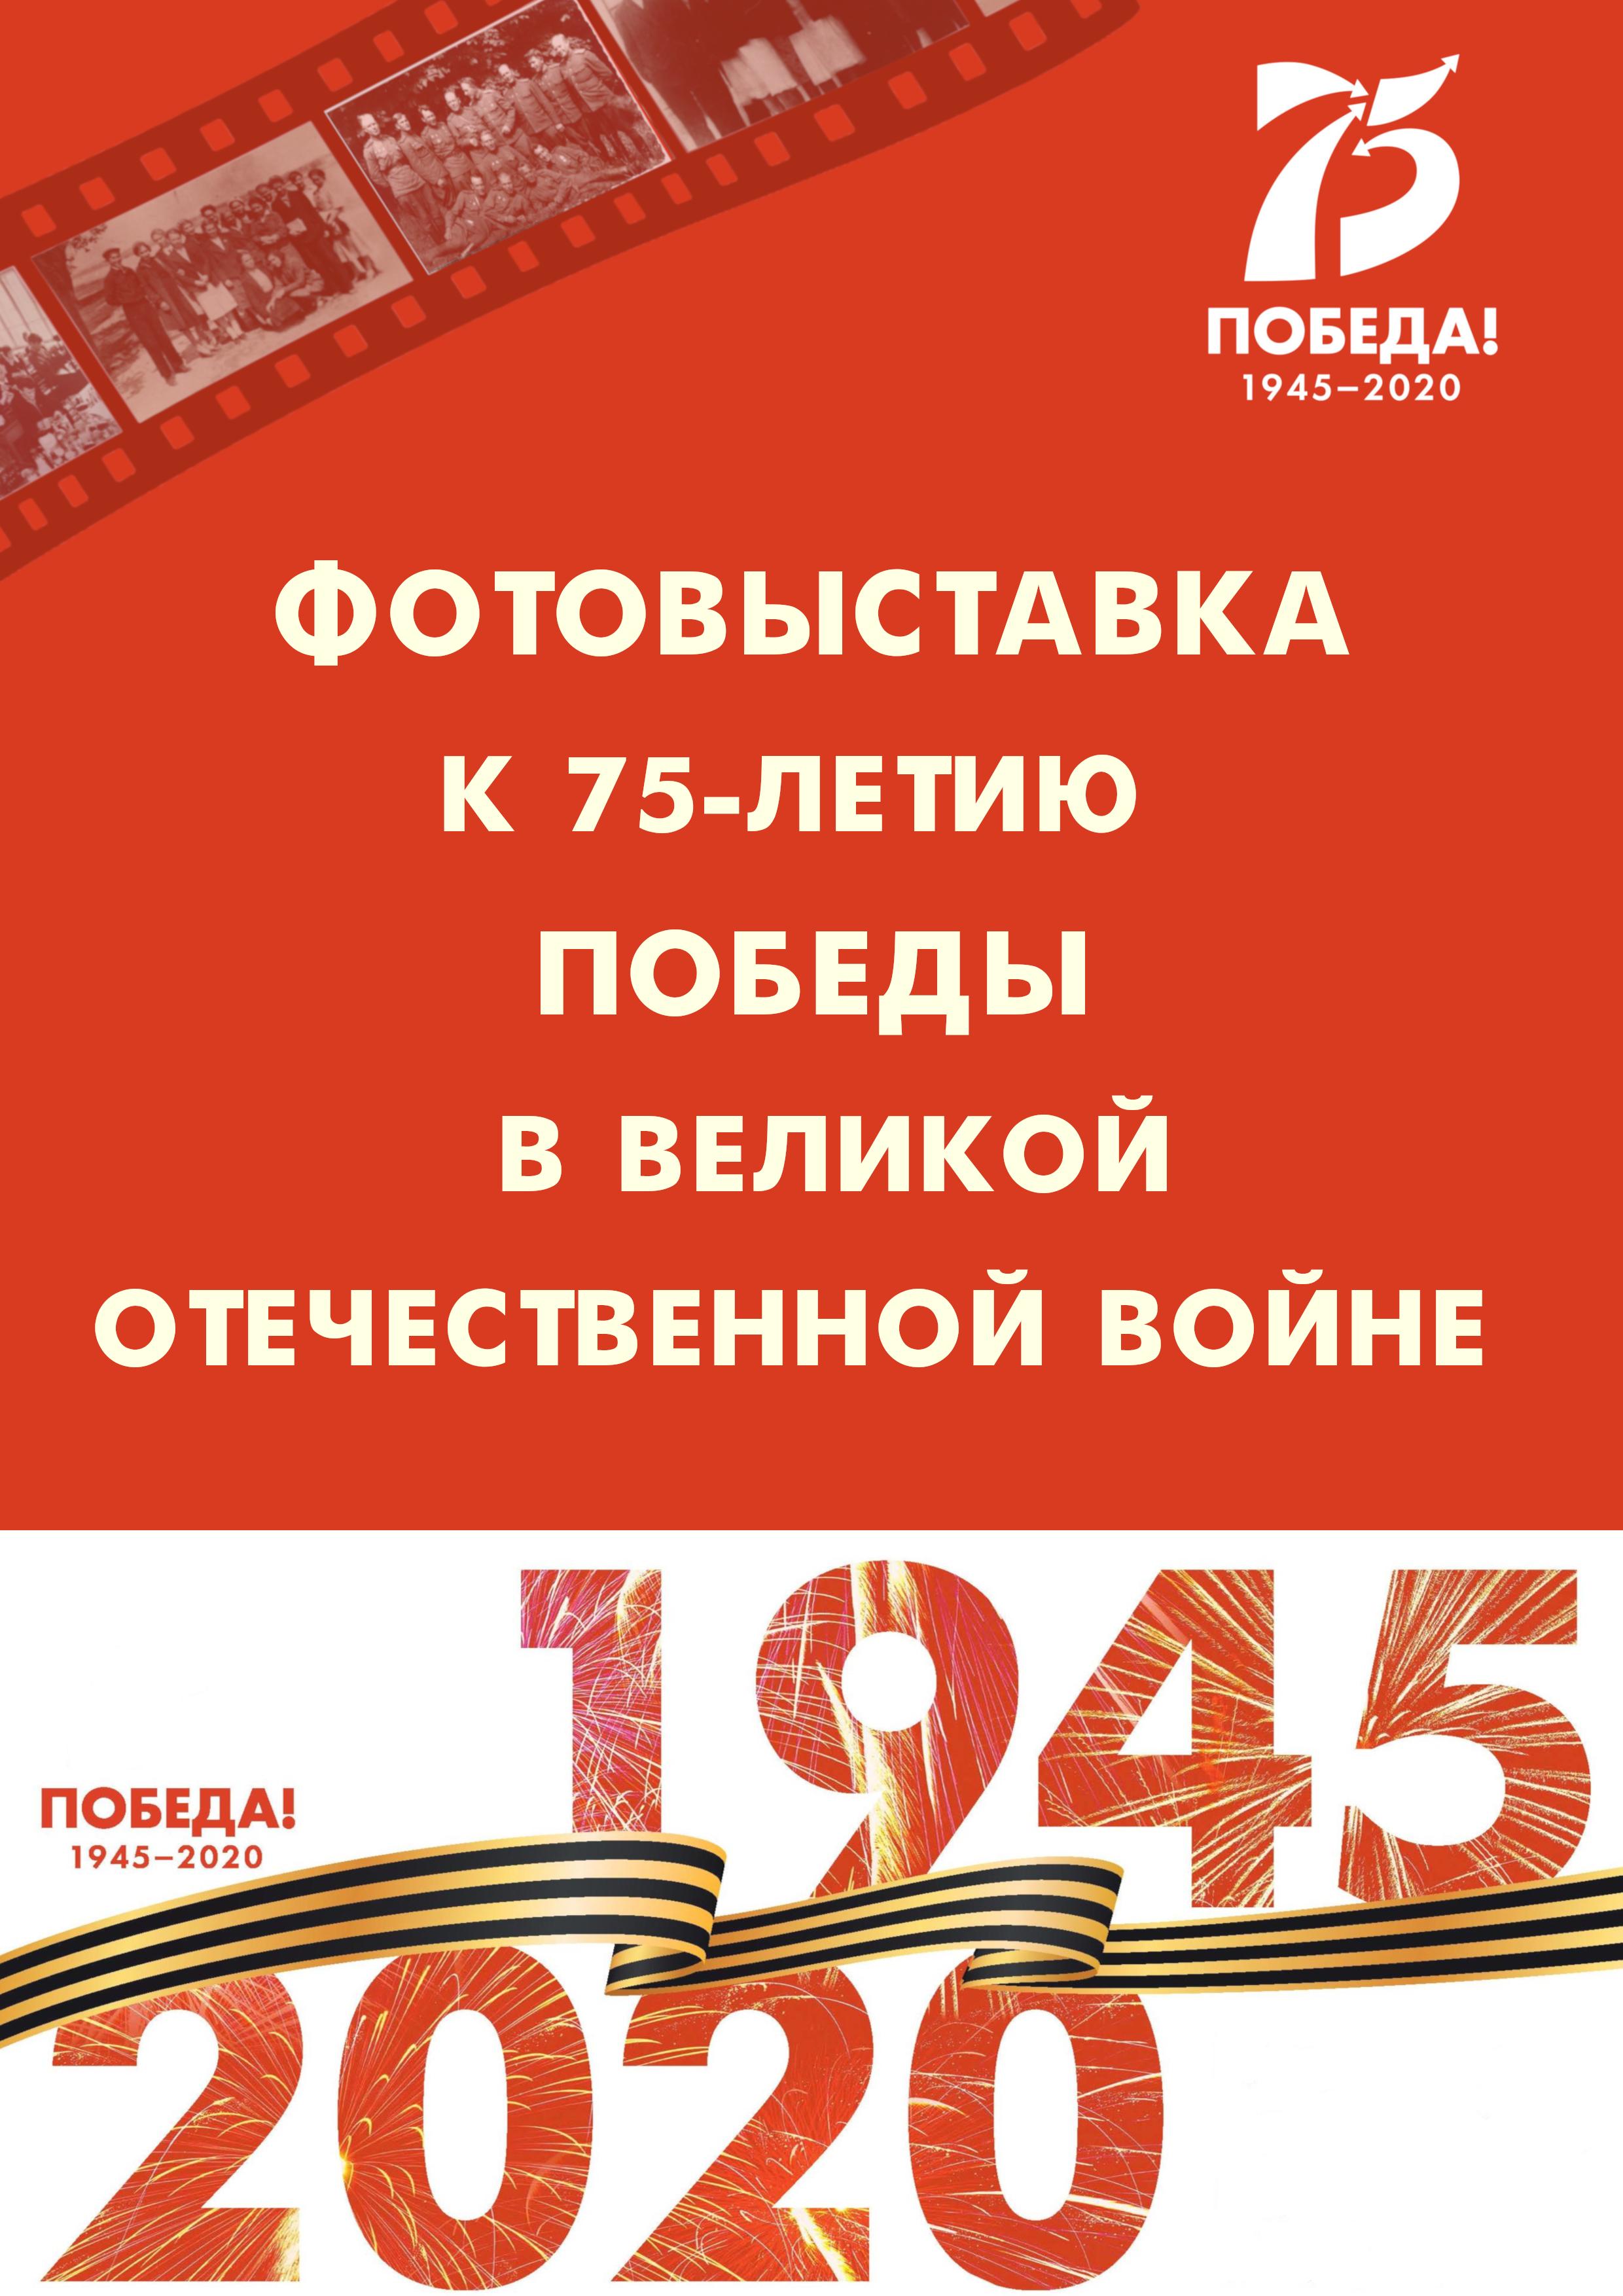 Фотовыставка к 75-летию победы в Великой Отечественной войне